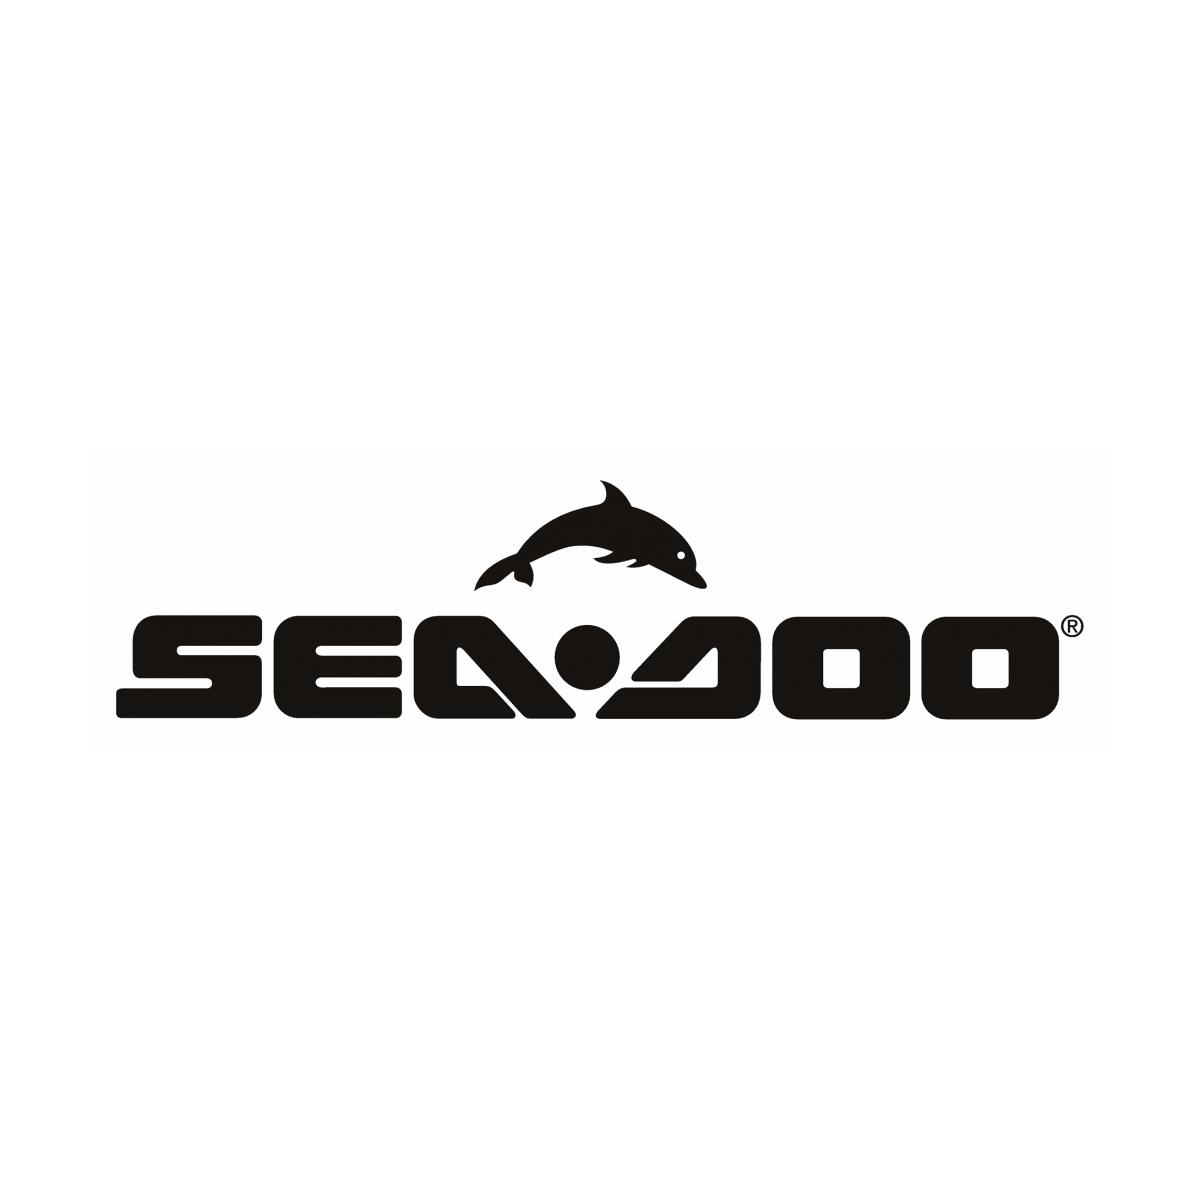 Kit Retentor para Jet Ski Sea Doo 580cc Prox*  - Radical Peças - Peças para Jet Ski